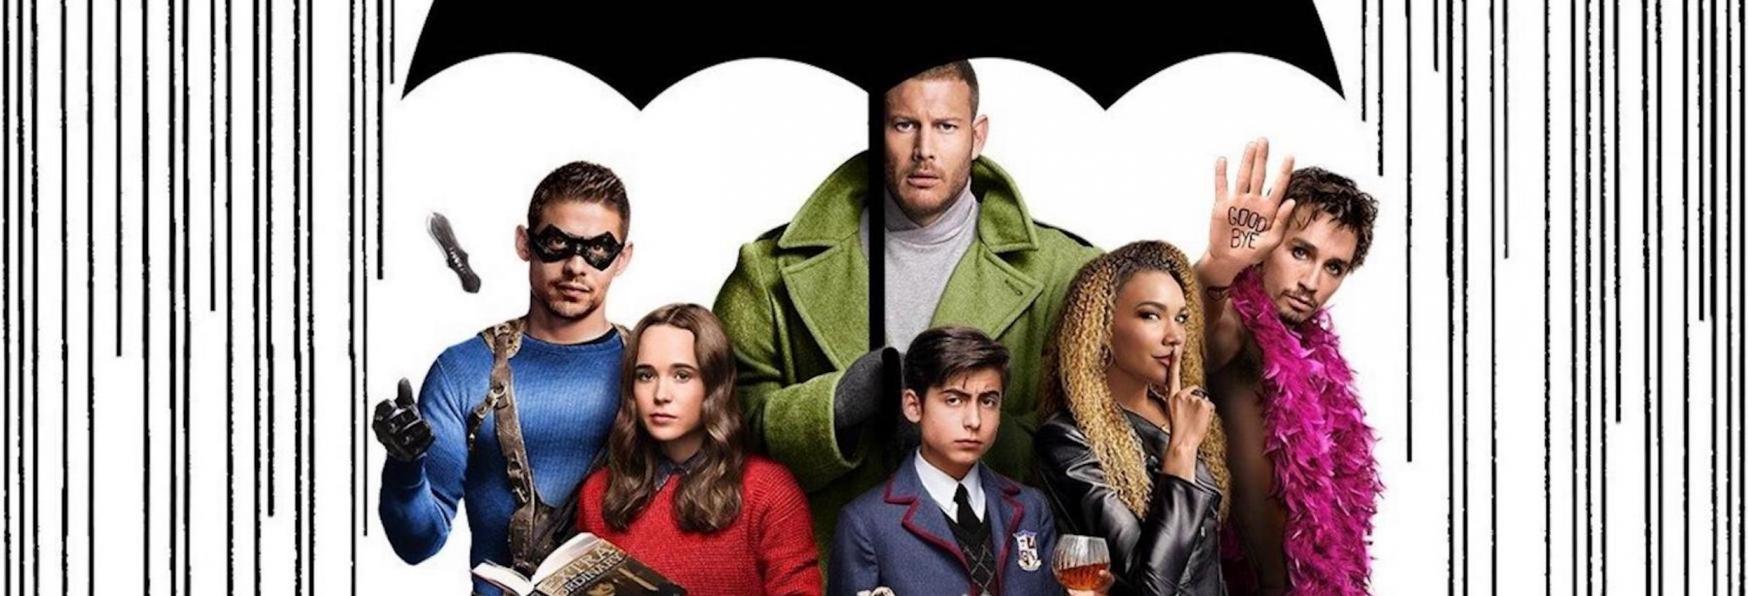 Le Migliori Soundtrack delle Serie TV: The Umbrella Academy - Te lo do io il superpotere!